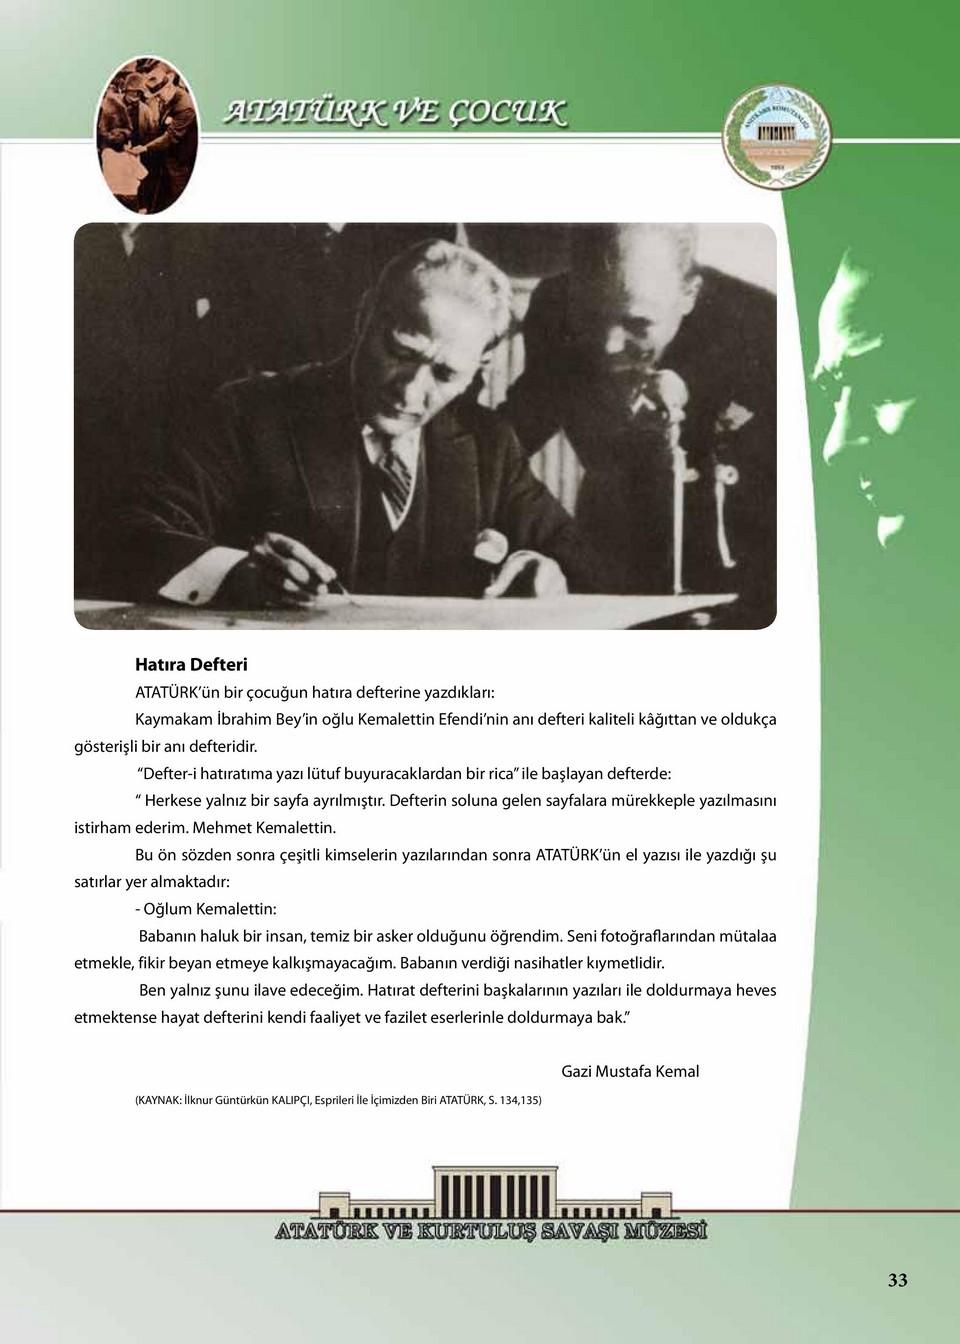 ataturkvecocuk-page-035